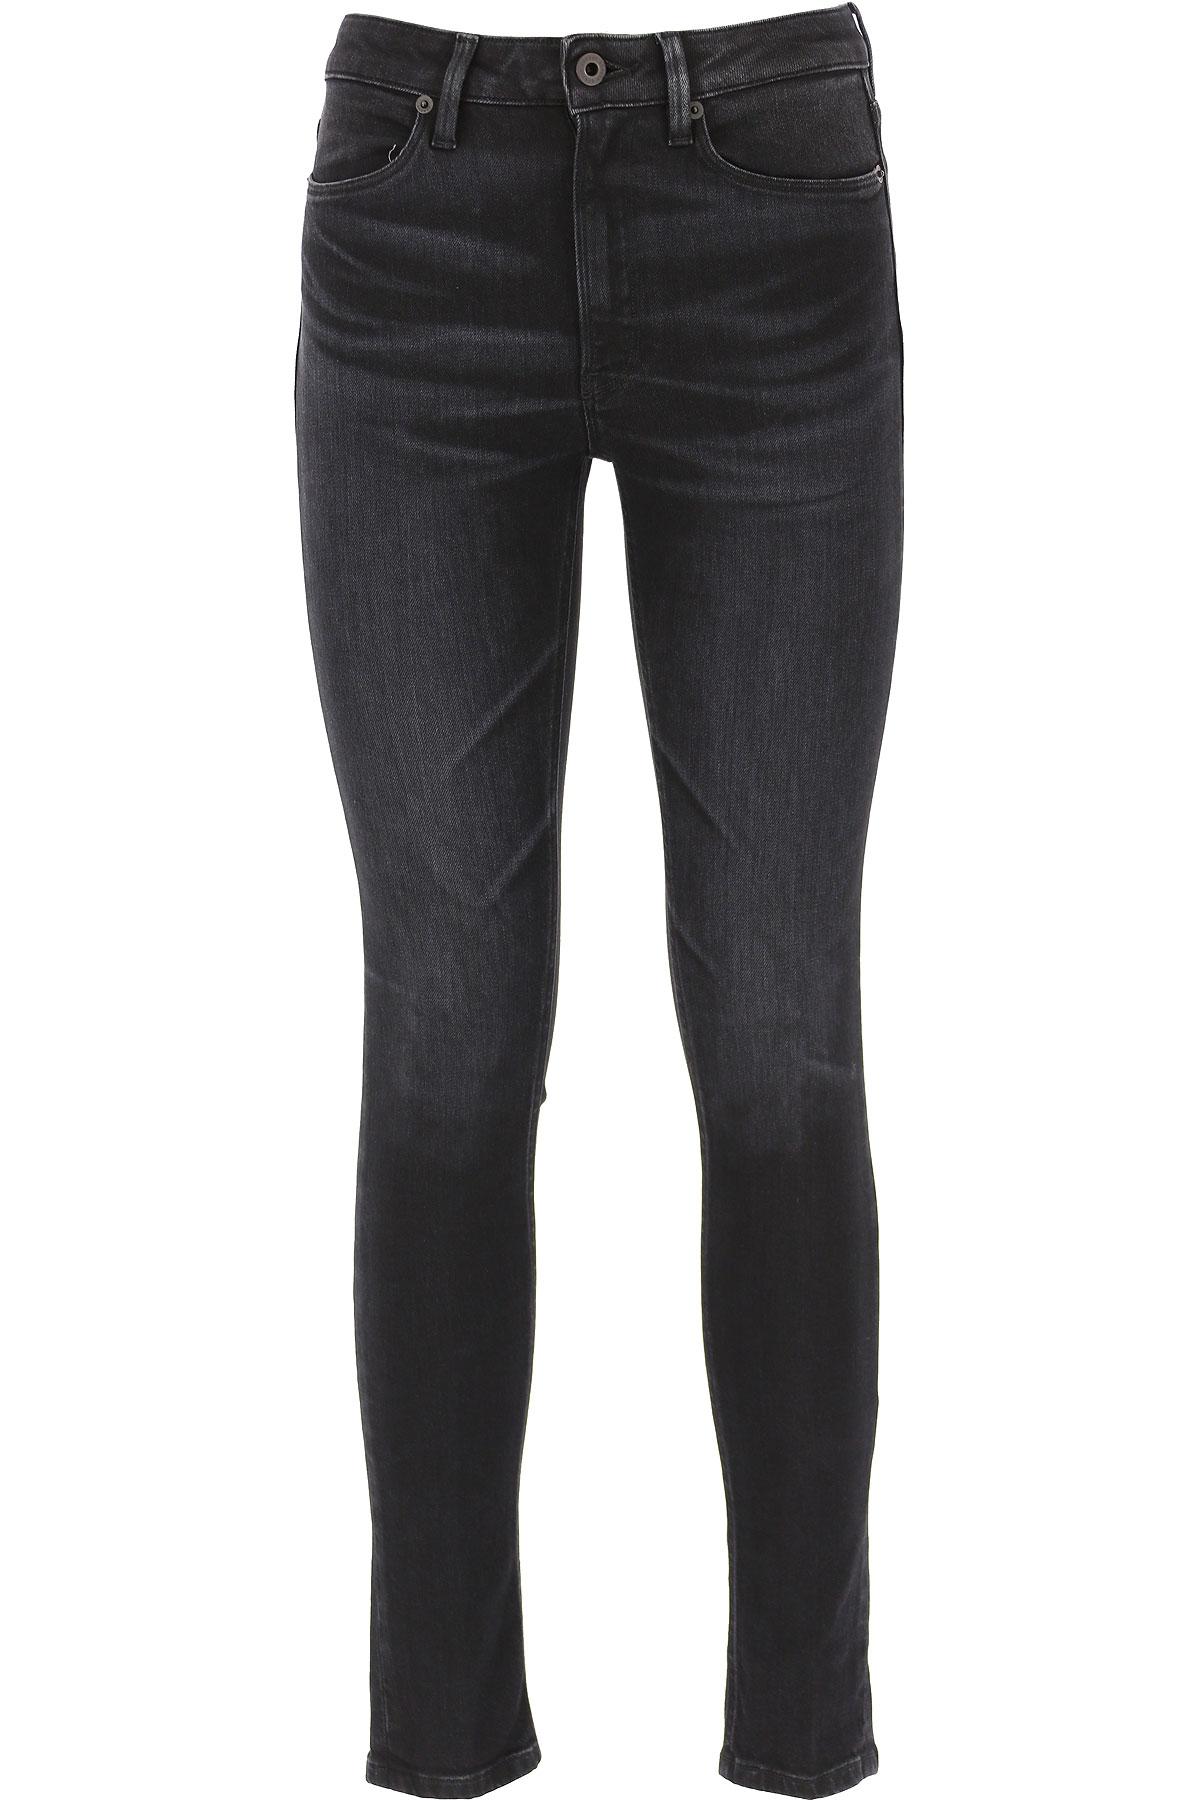 Dondup Jeans, Black, Cotton, 2019, 28 30